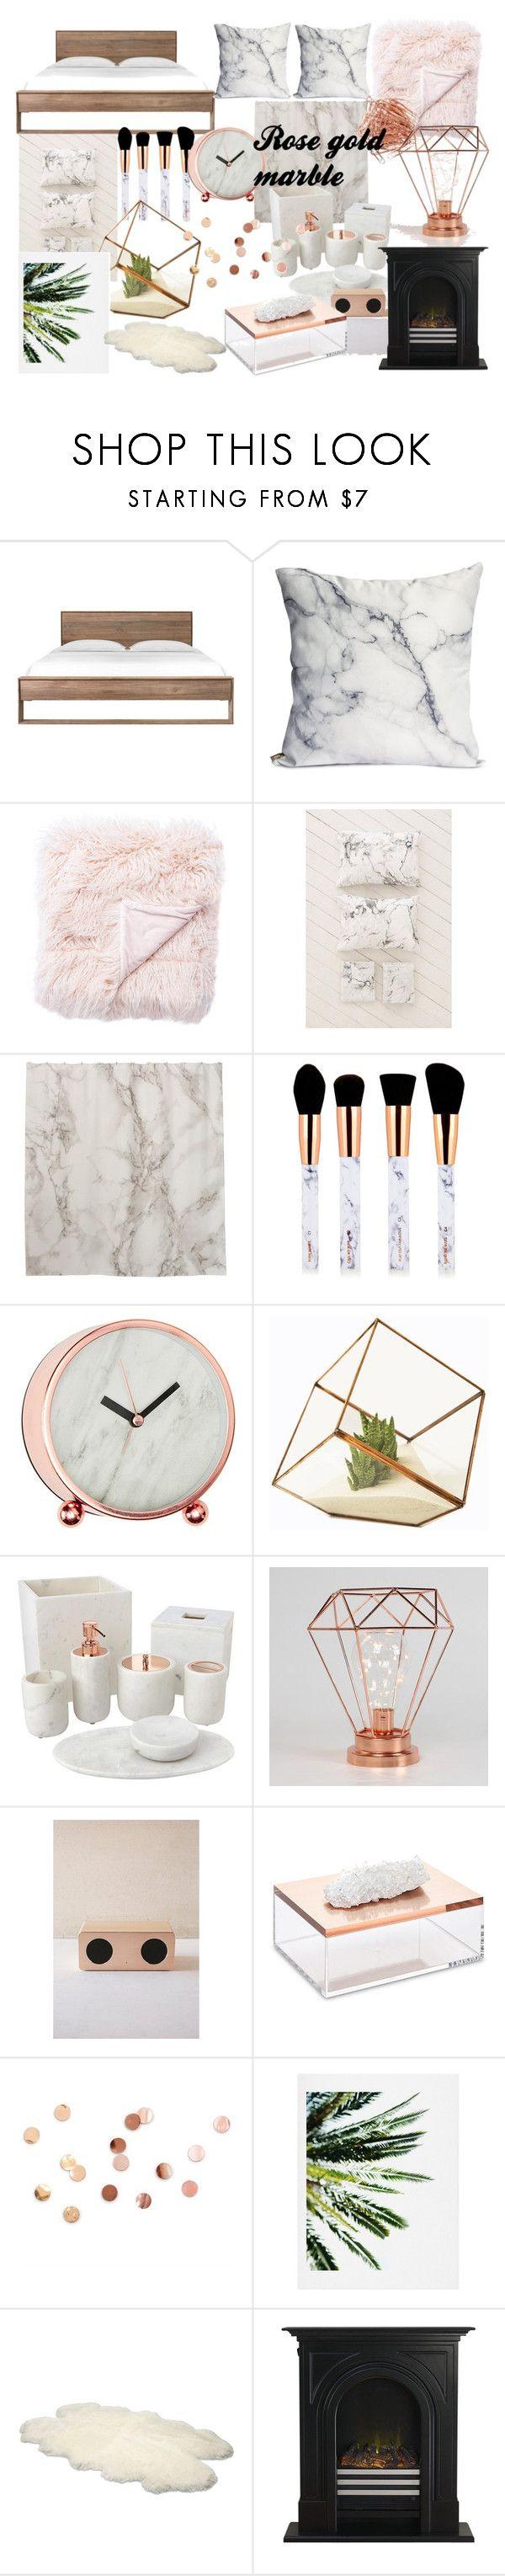 Rose gold marble room decor einrichten und wohnen ideen for Zimmer deko rosegold